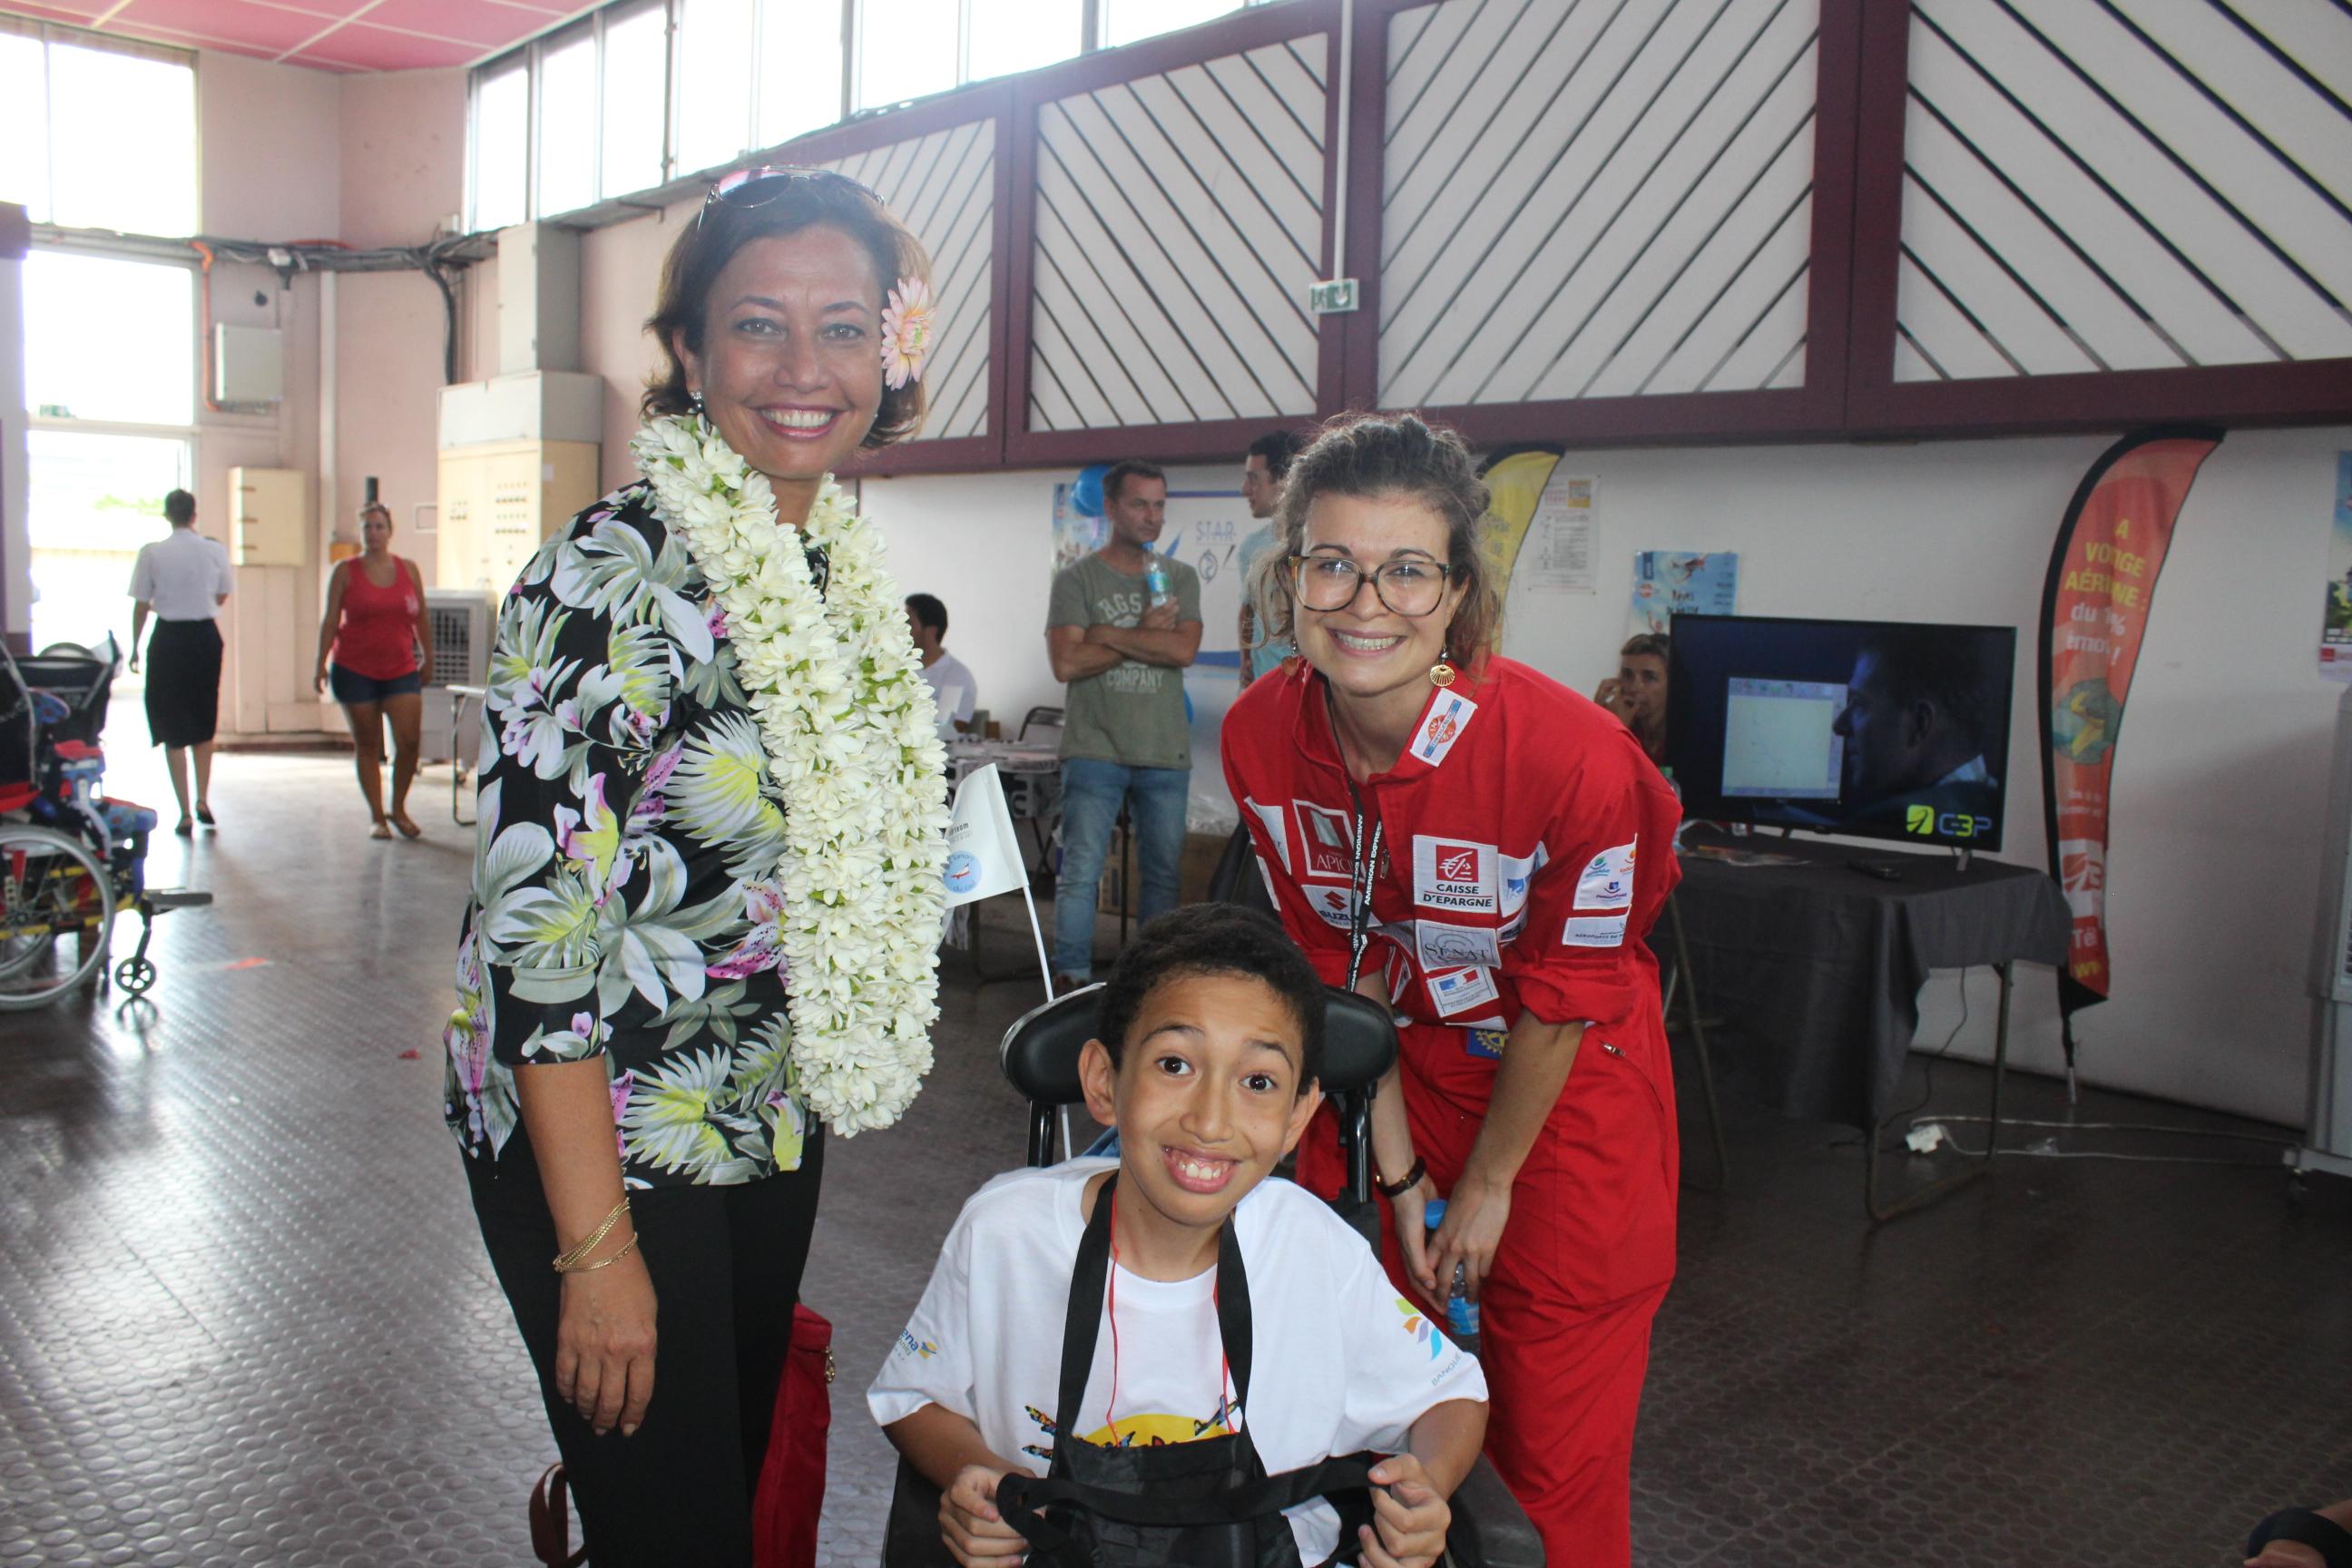 La députée Nicole Sanquer en compagnie de la présidente de l'association Les Tamari'i du ciel Carole Herraïz et Tamahere.